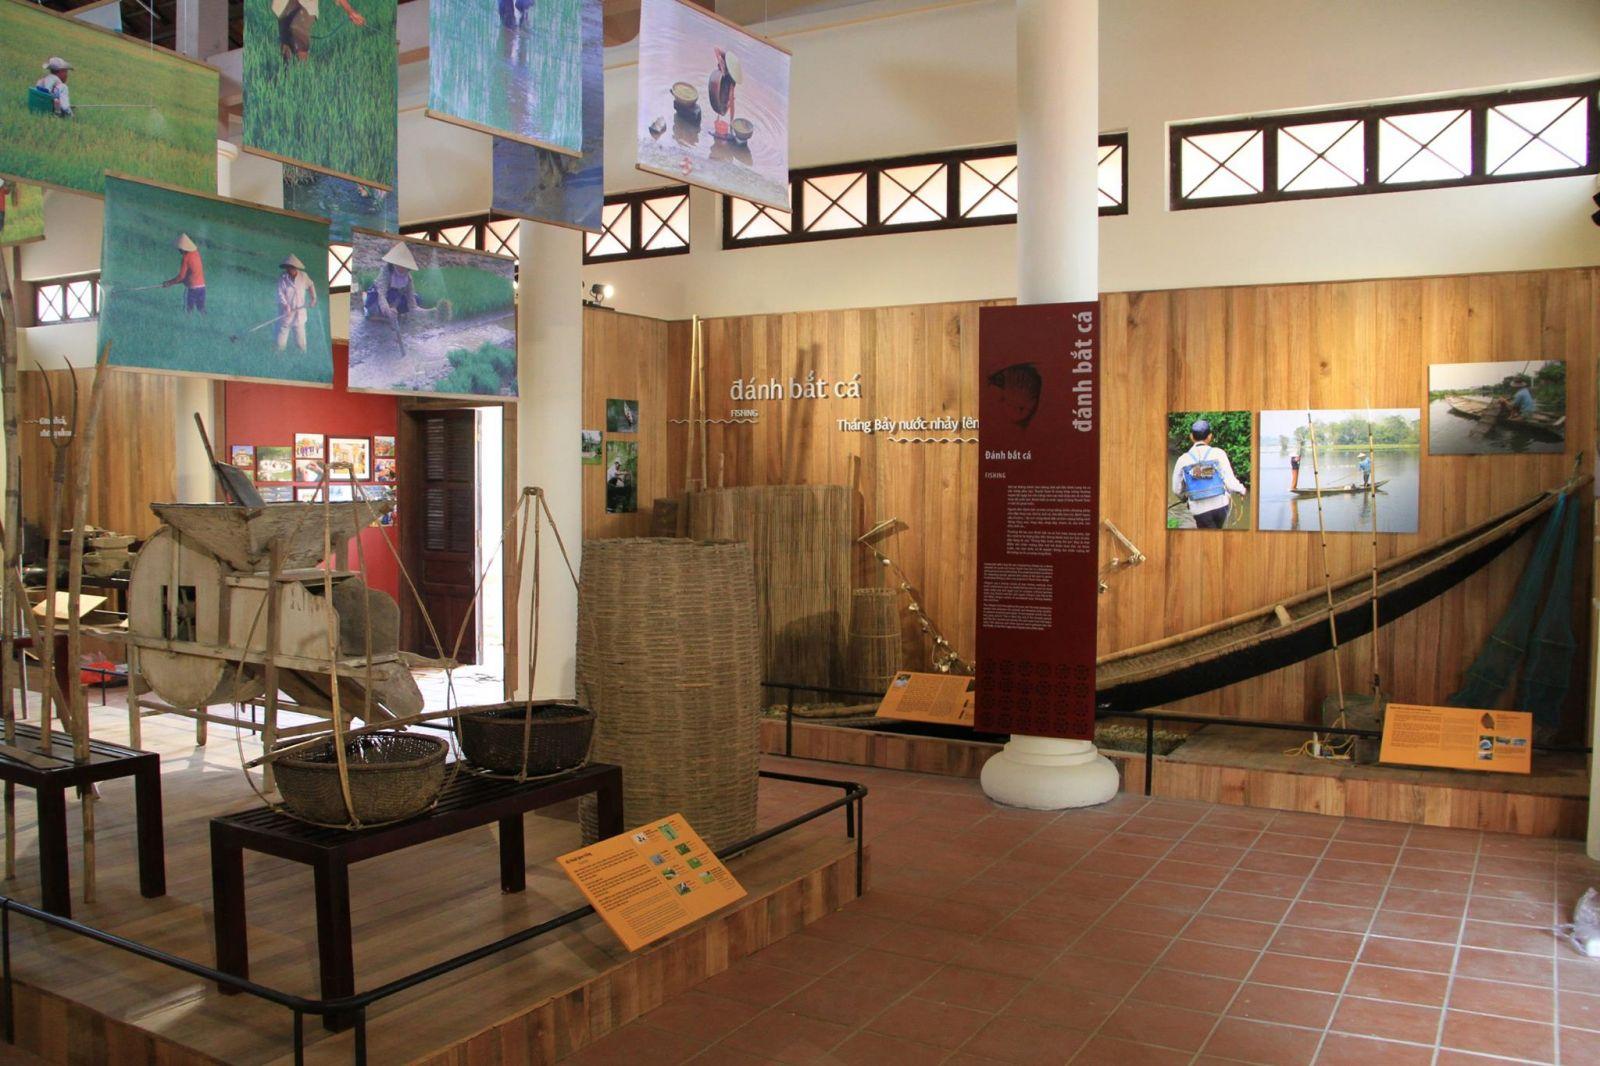 Tour Du Lịch Huế Nửa Ngày: Tham Quan Cầu Ngói Thanh Toàn - Xe Đạp 1